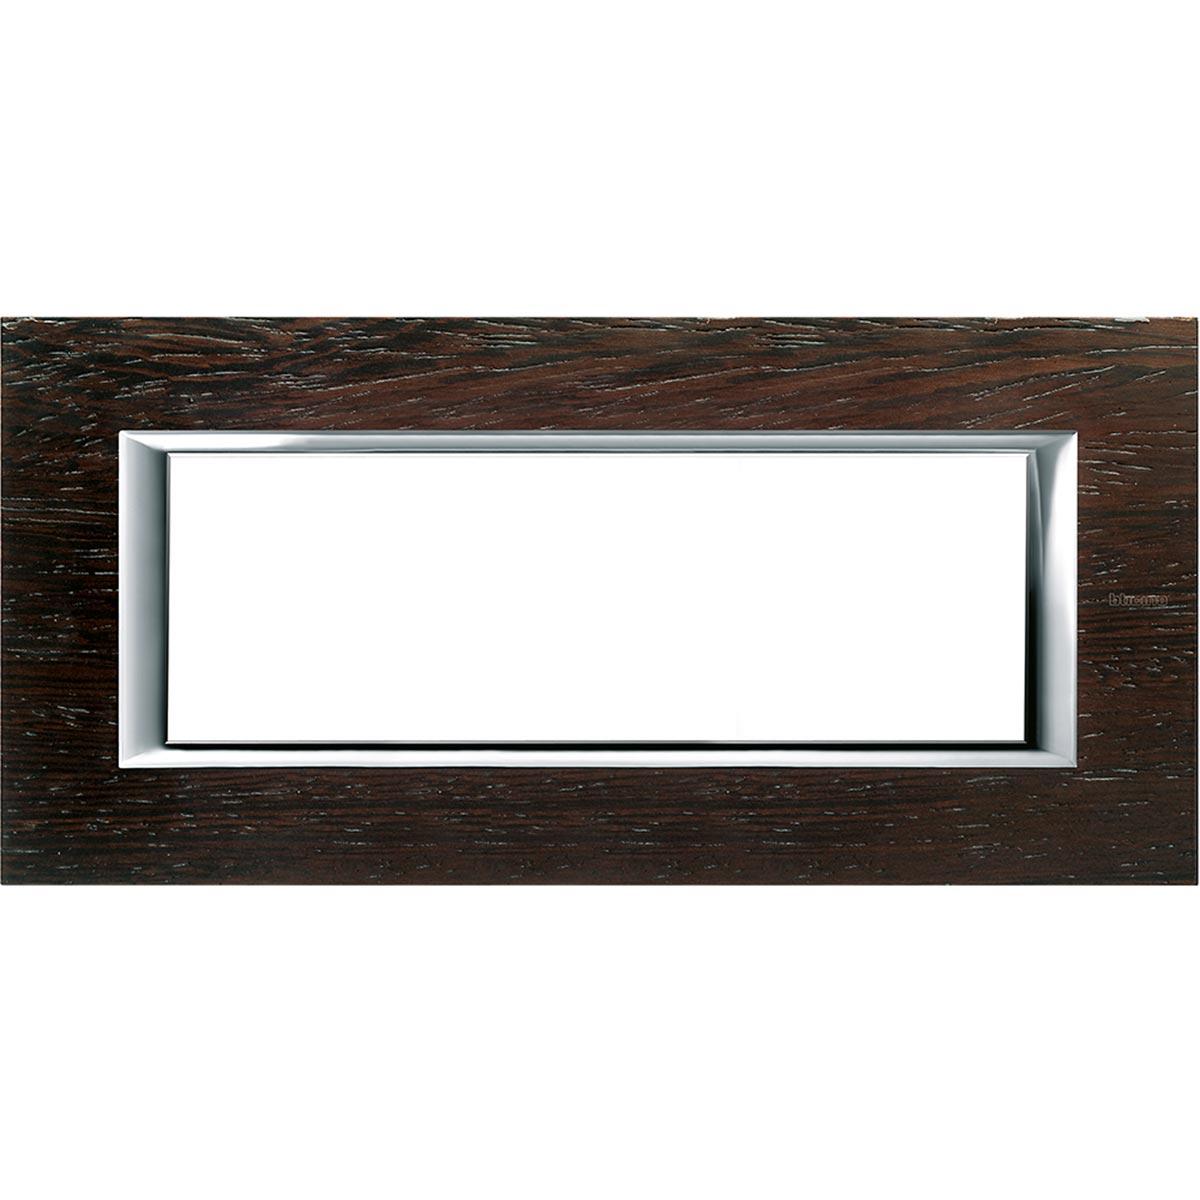 HA4806lwe axolute bticino placche legno wenge 6 posti